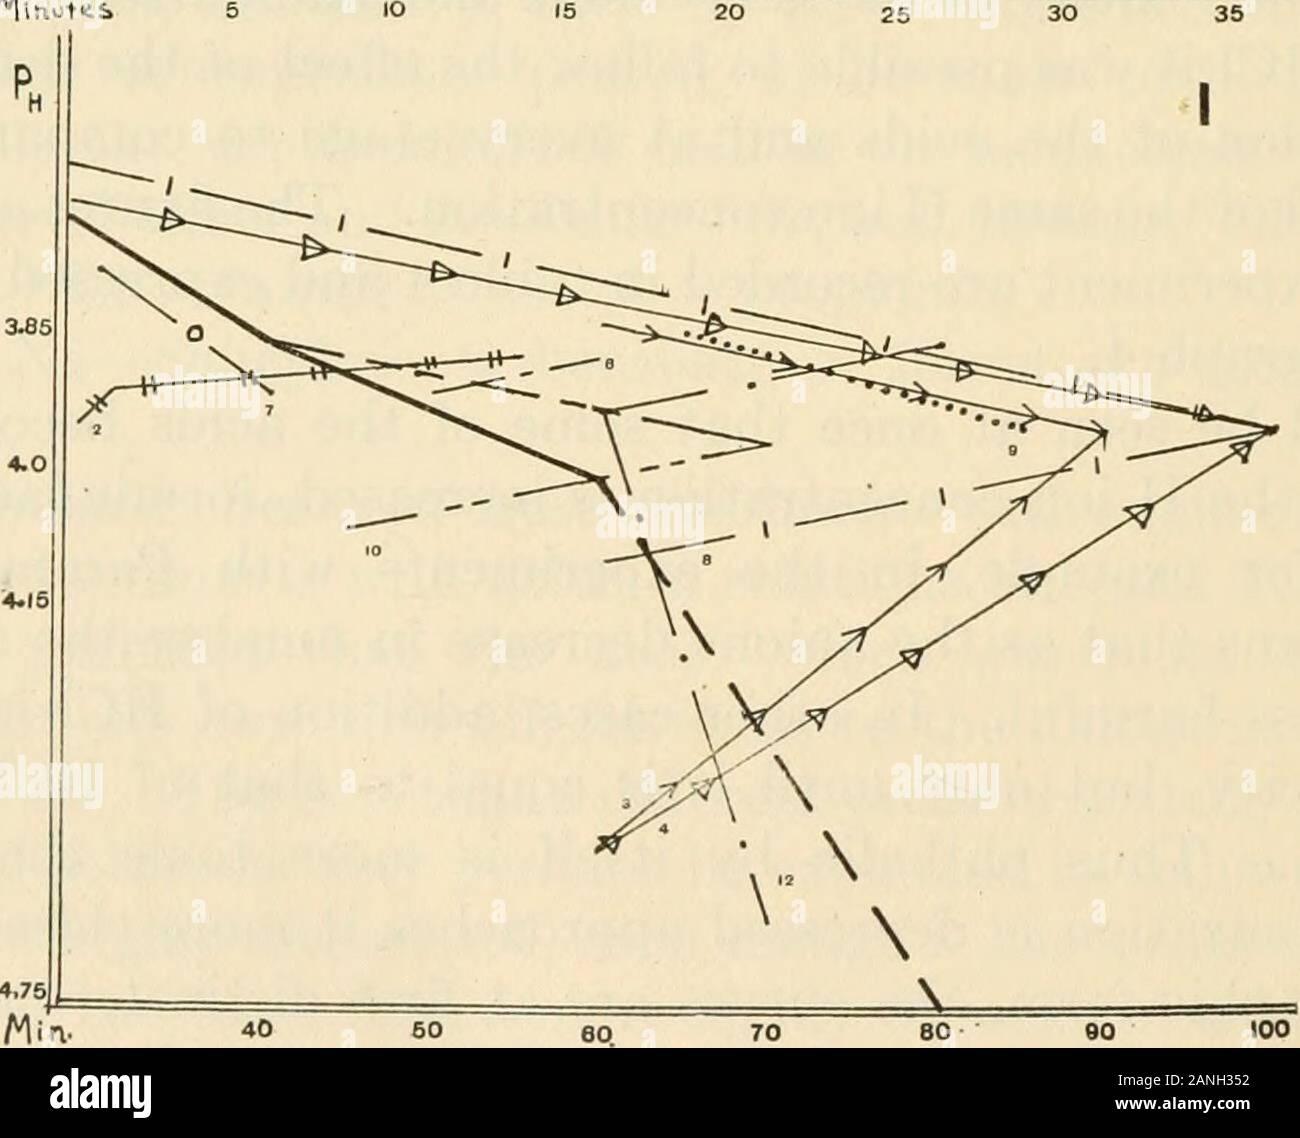 Le Journal of Experimental Zoology . ed en graphi-quement graphique 4. On voit tout de suite que certains acides de l'lesstoxic que le devenir de la concentration en ions H est augmentée, formique, lactique, andacetic par exemple, dans les expériences avec Paramoecium.Cela signifie qu'en tant que les anions diminuent en nombre l'acide atteint moins nocifs. Dans d'autres cas, l'addition de HCl increasesthe la toxicité, mais seulement jusqu'à ce qu'elle est égale à celle d'HCl de même identificateur de Ph. Ainsi par lui-même est plus phtalique toxiques que HCl,mais comme l'ionisation est appuyée l'approche plus étroitement;, désignent toujoursla sous forme graphique, les courbes sont à la première distinction Banque D'Images